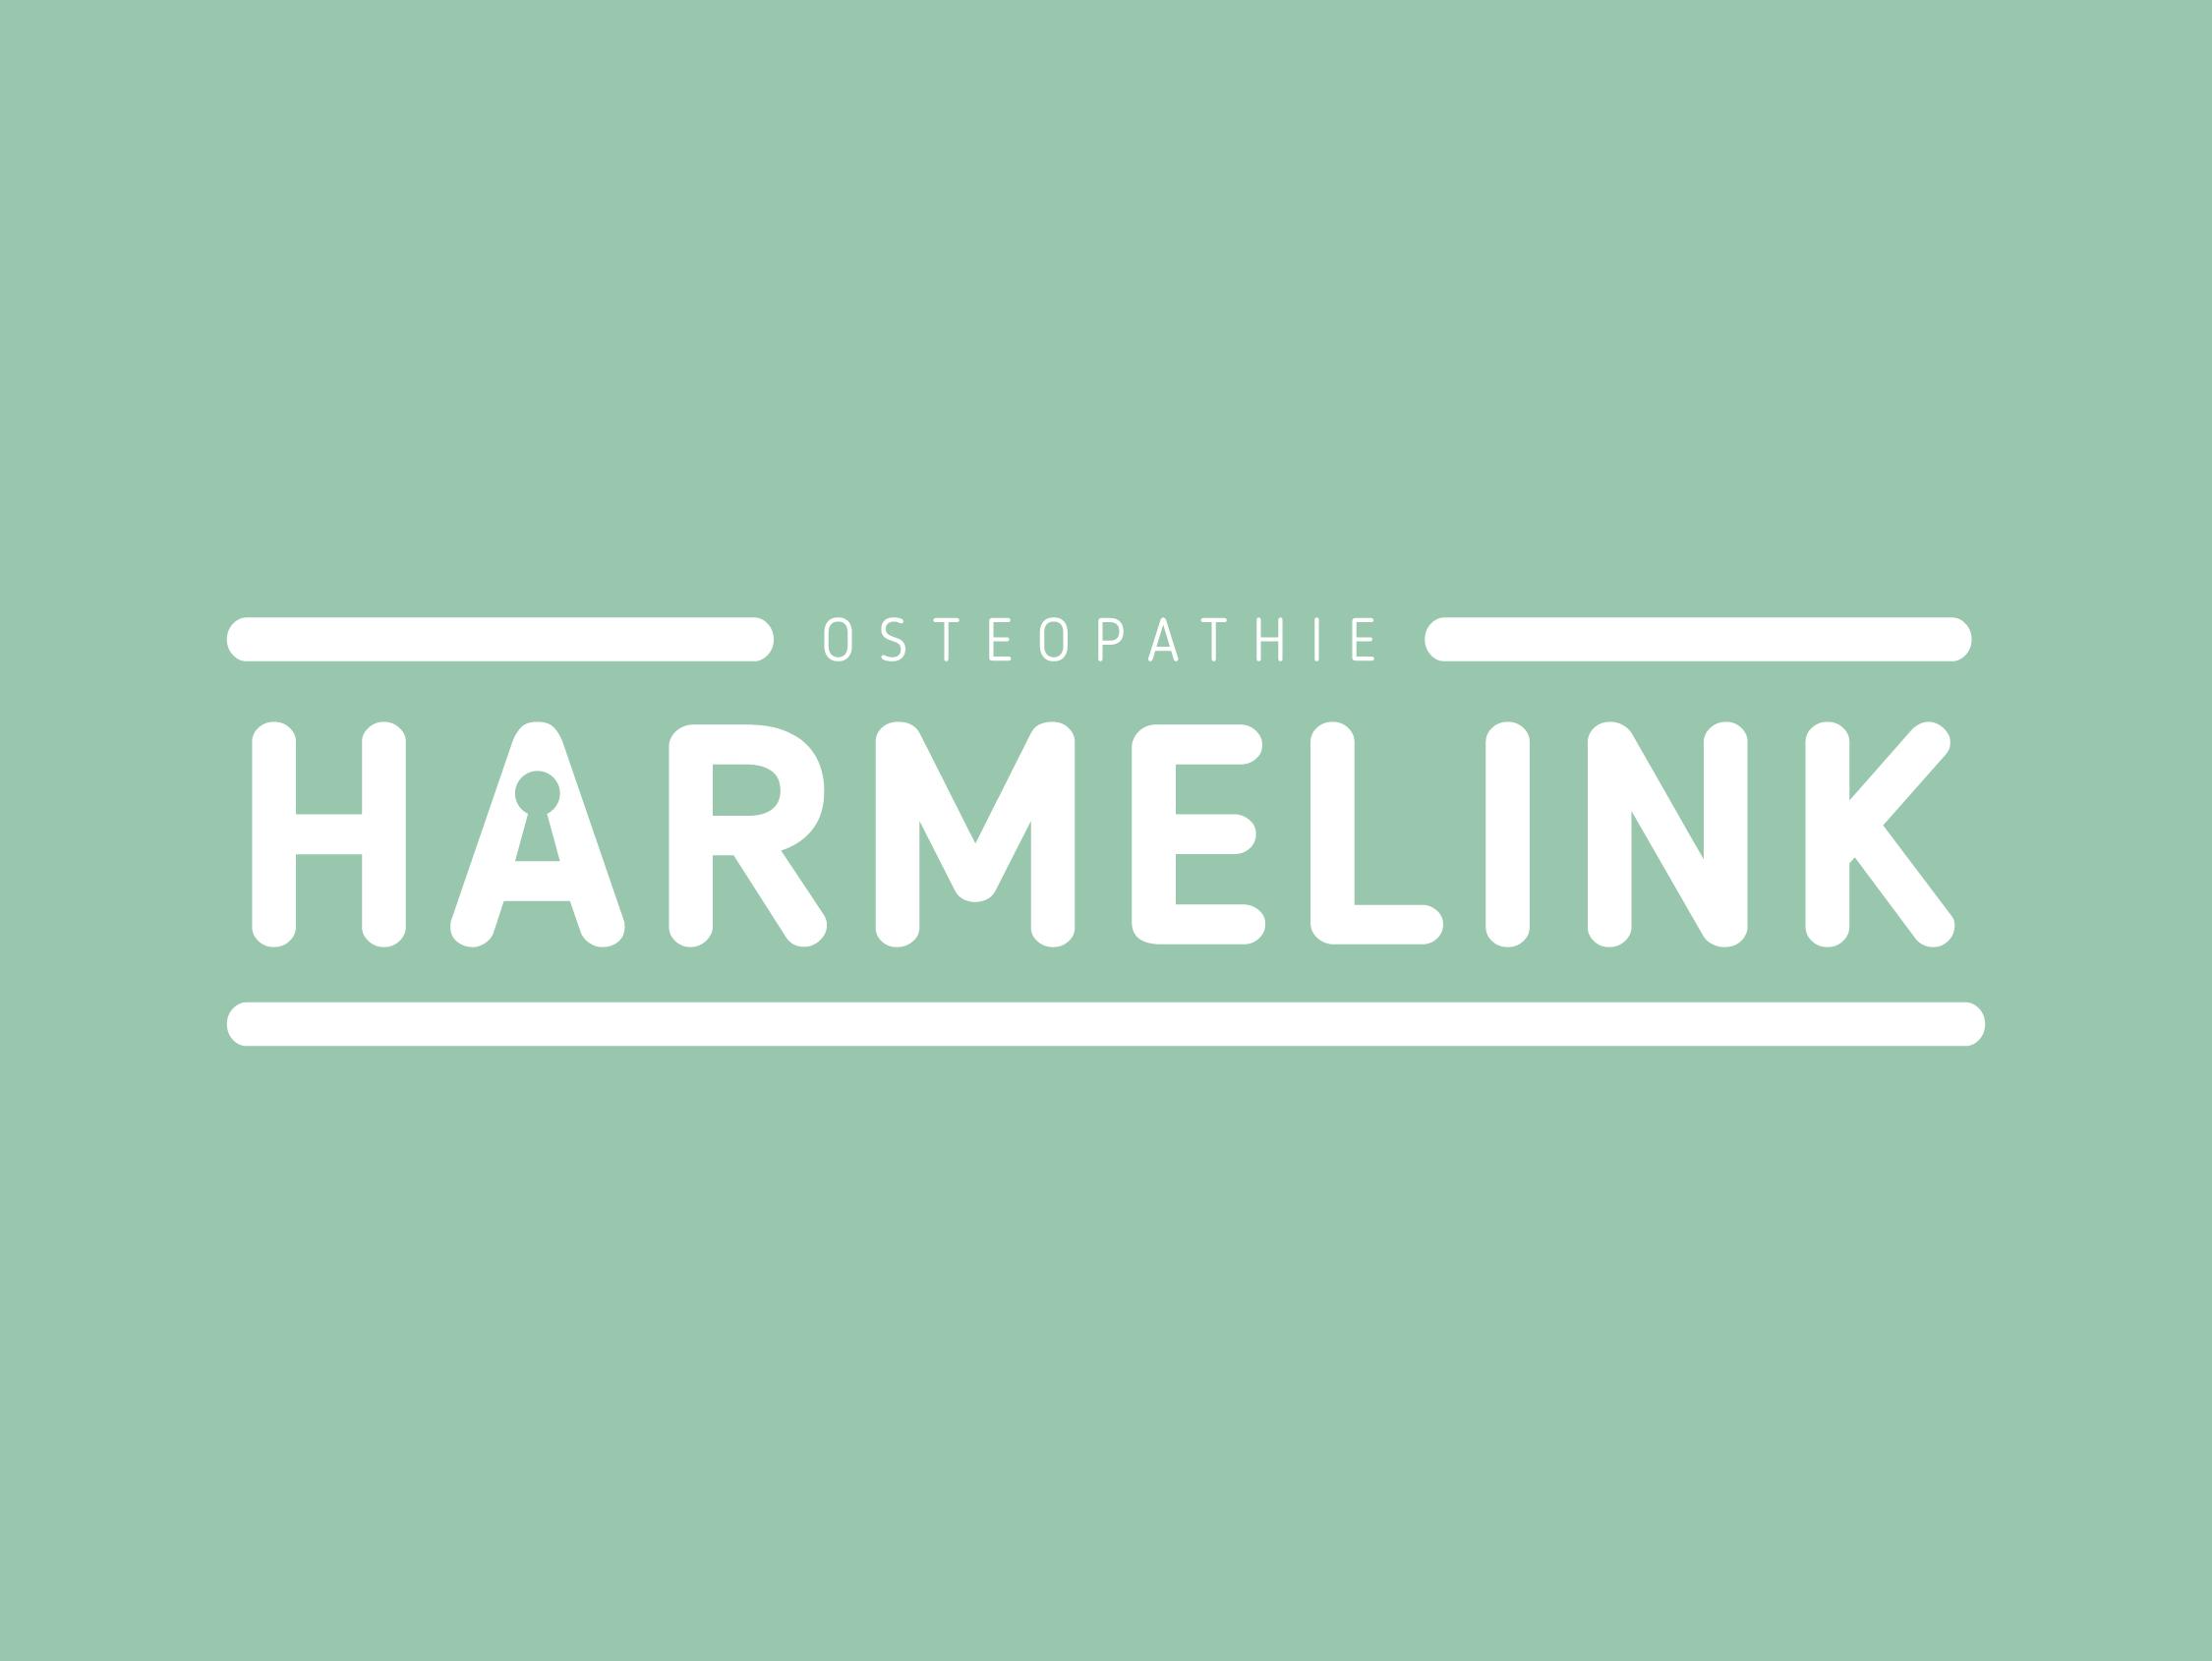 Osteopathie_Harmelink_XAdesign_Xander_Abbink_Logo_huisstijl-groen